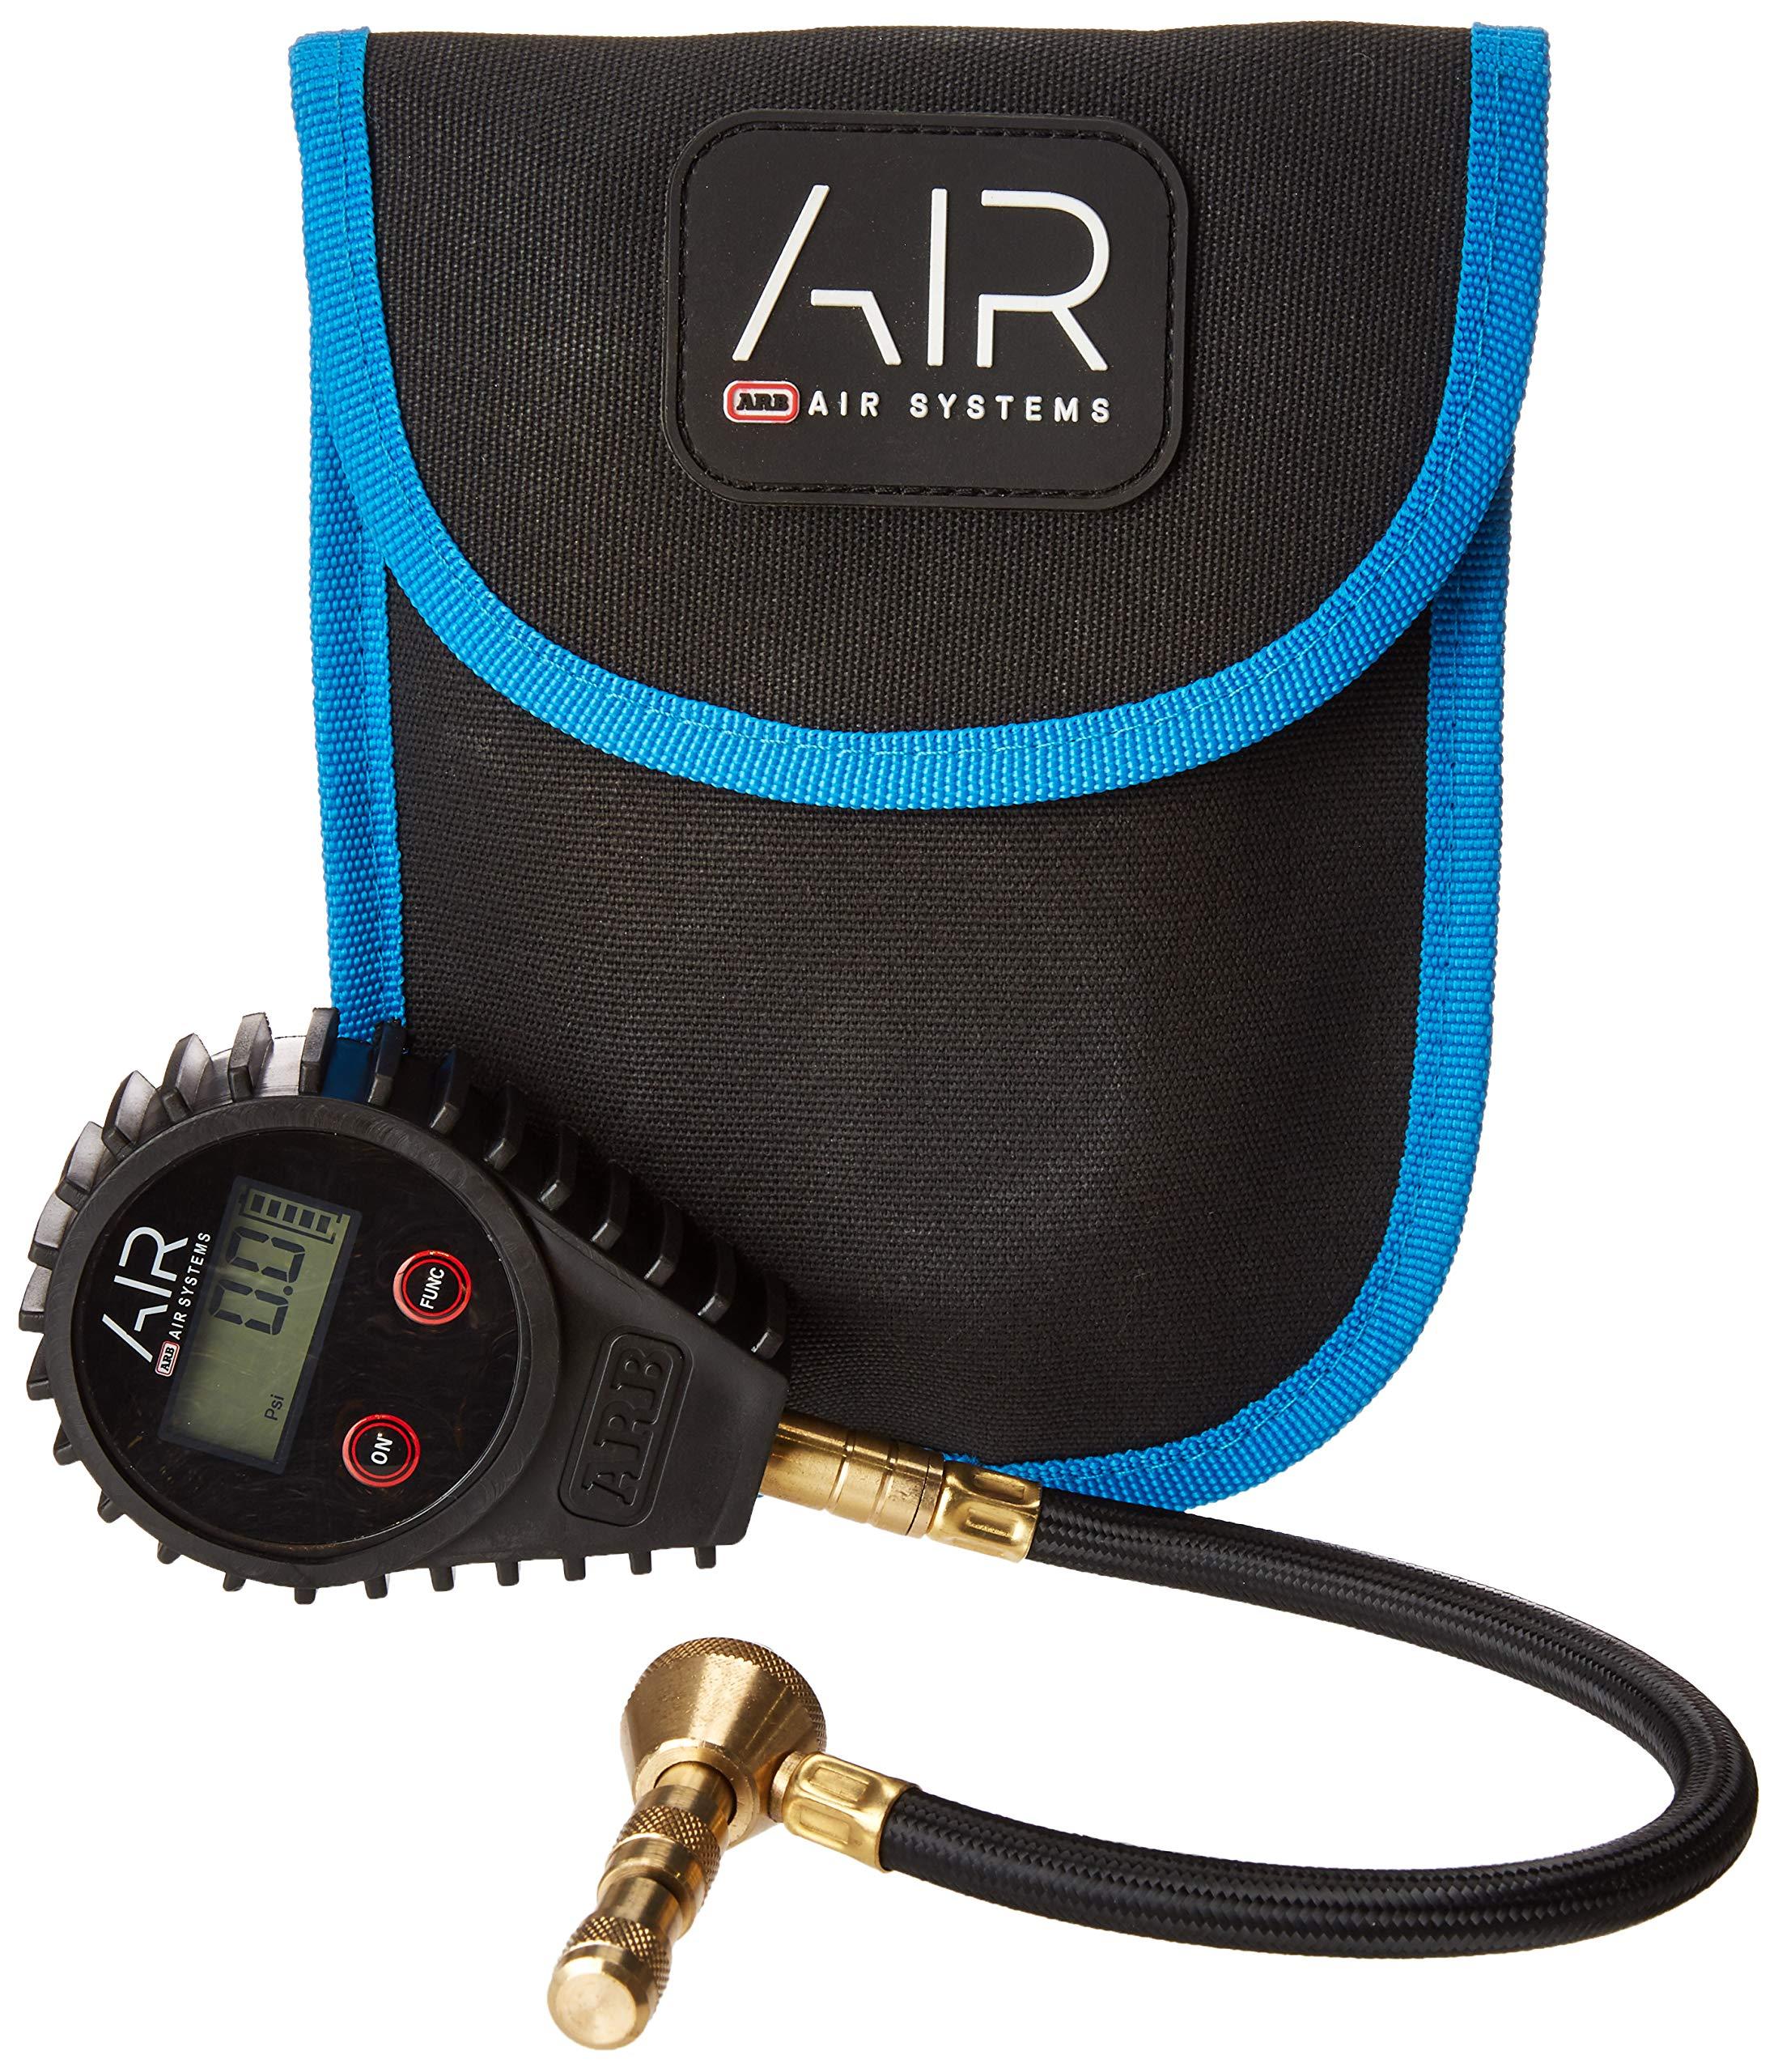 ARB ARB510 E-Z Deflator Digital Guage All Measurements Digital E-Z Deflator Digital Guage